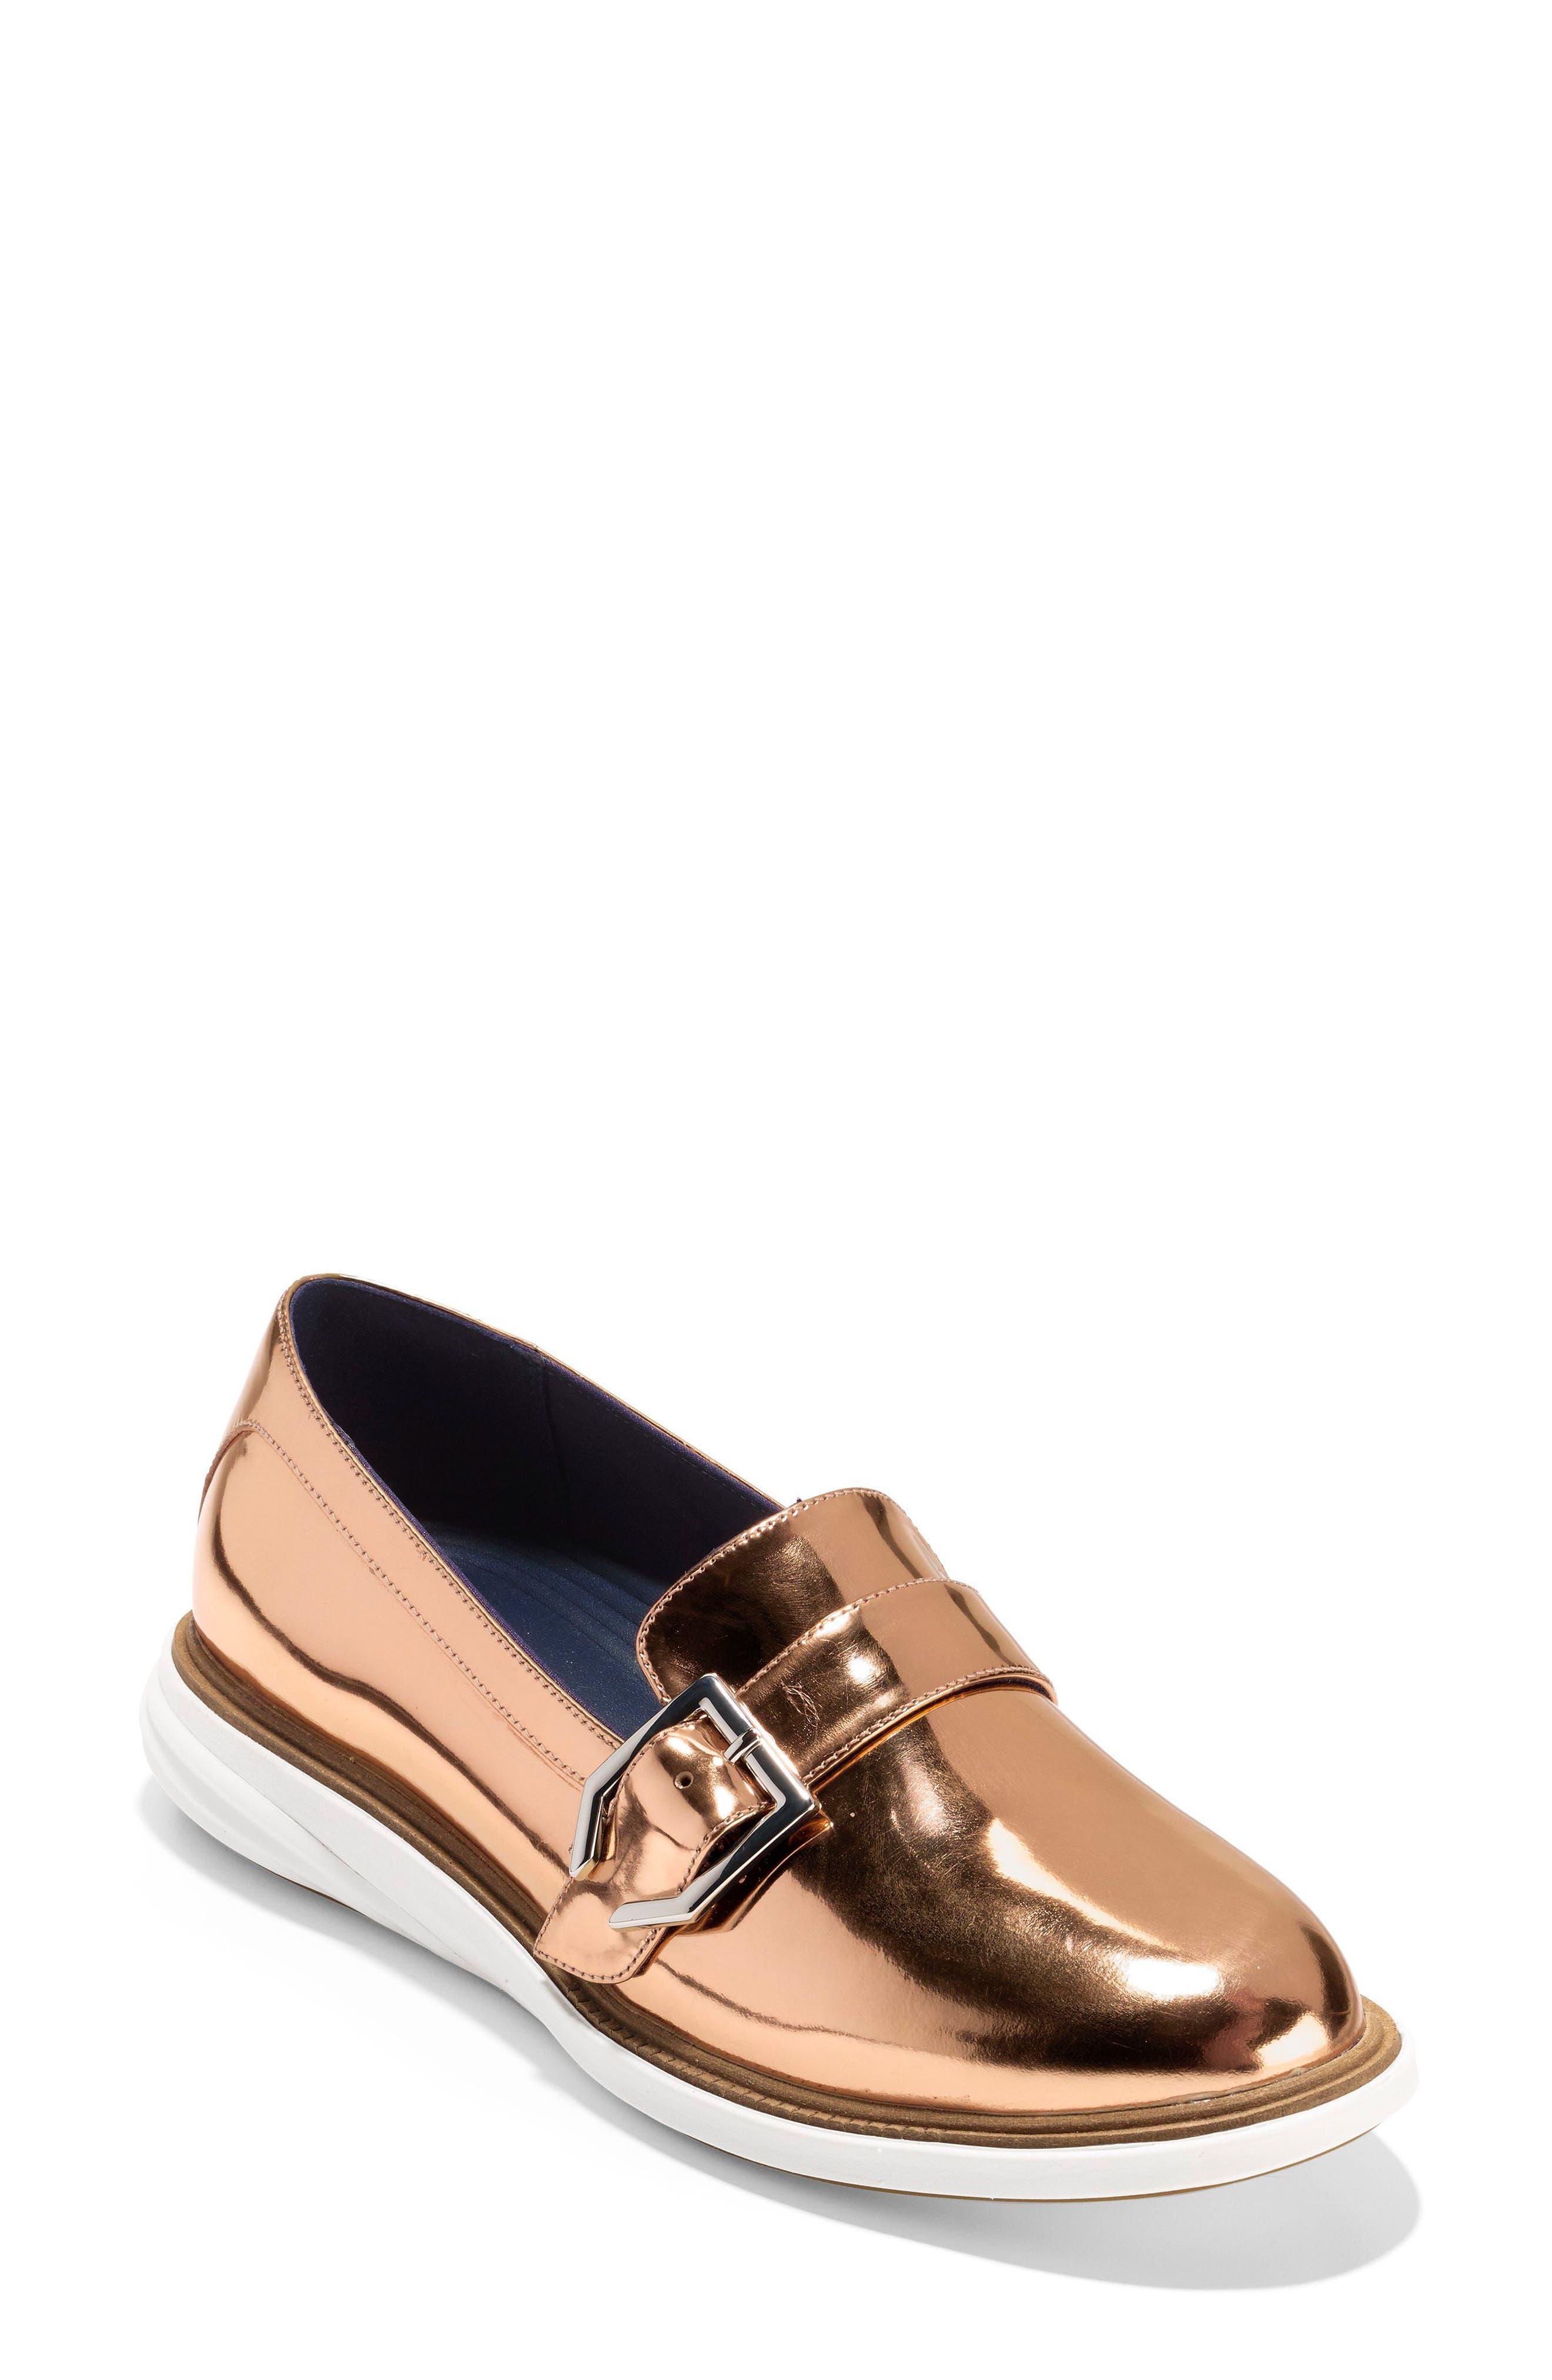 GrandEvolution Sneaker,                         Main,                         color, Rose Gold Leather